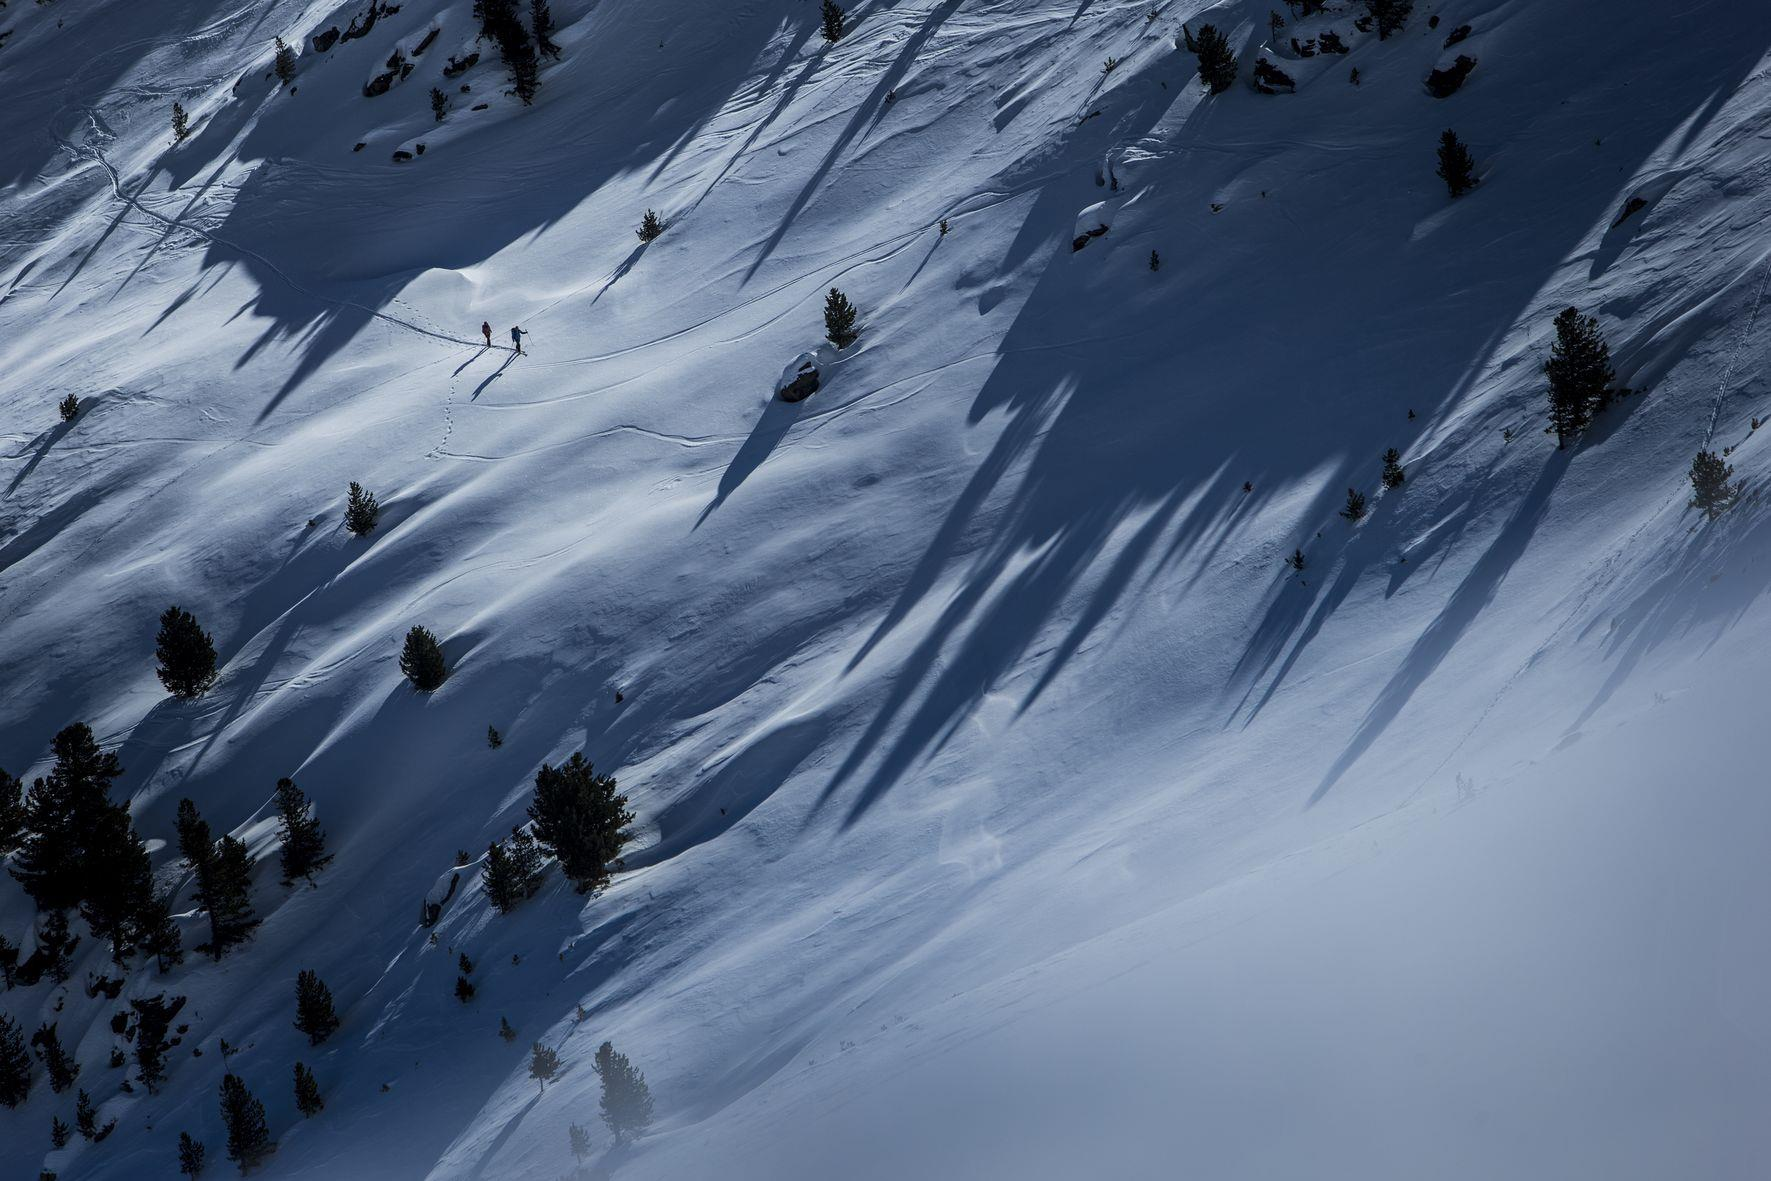 Ski tour Monte Fumo-Rauchkofel Predoi 3.251 m